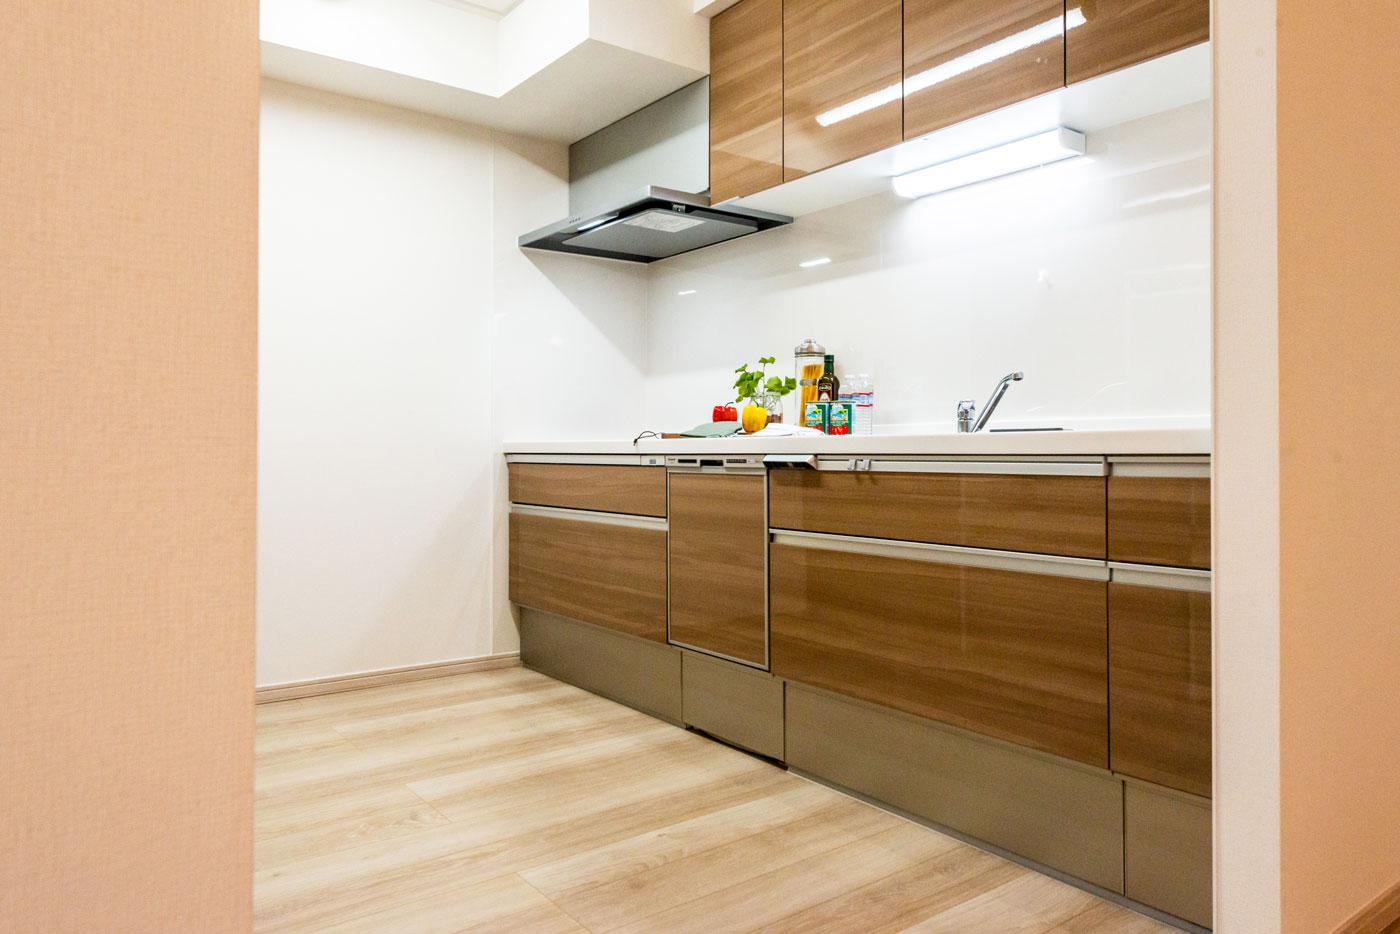 床暖房のある独立型キッチン(食洗機付)